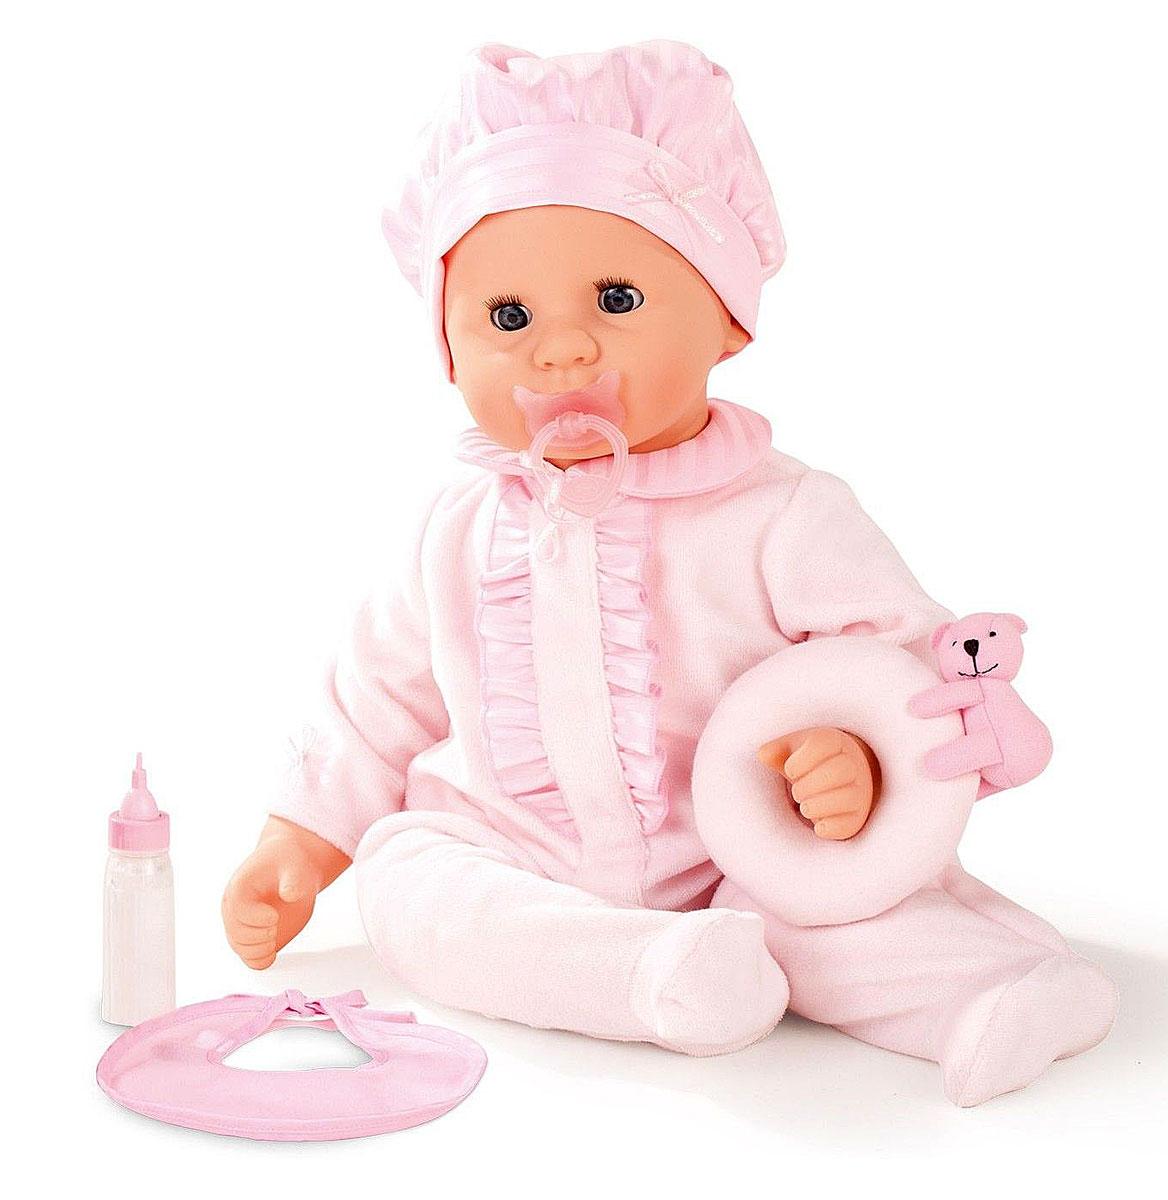 Gotz Пупс Малыш в розовом костюме1461143Пупс Малыш Cookie в розовом костюме и с маленькой игрушкой будет сопровождать ребенка на протяжении всего дня. С куклой можно играть и брать с собой в кроватку. Кукла Gotz приятна на ощупь и располагает к общению. Кукла в розовом колпаке и пижаме может принимать различные позы. Игрушку можно переодевать, укладывать спать и брать с собой на прогулку. Ребенок сможет придумать много интересных игр с приятной на ощупь игрушкой. У пупса мягкое тело, голова, руки и ножки из винила, его приятно обнимать, прижимать к себе. Малыш Cookie полностью повторяет вид маленького ребенка. Детально проработанные положения пальчиков, мимика детского личика с голубыми закрывающимися глазами с ресницами располагают к общению, ребенок с удовольствием ощупывает и изучает игрушку. Пупс и аксессуары для игры выполнены из качественных, безопасных для детей материалов, которые соответствуют европейским стандартам качества. Малыш имеет очаровательные черты лица: маленький рот и носик, широко...